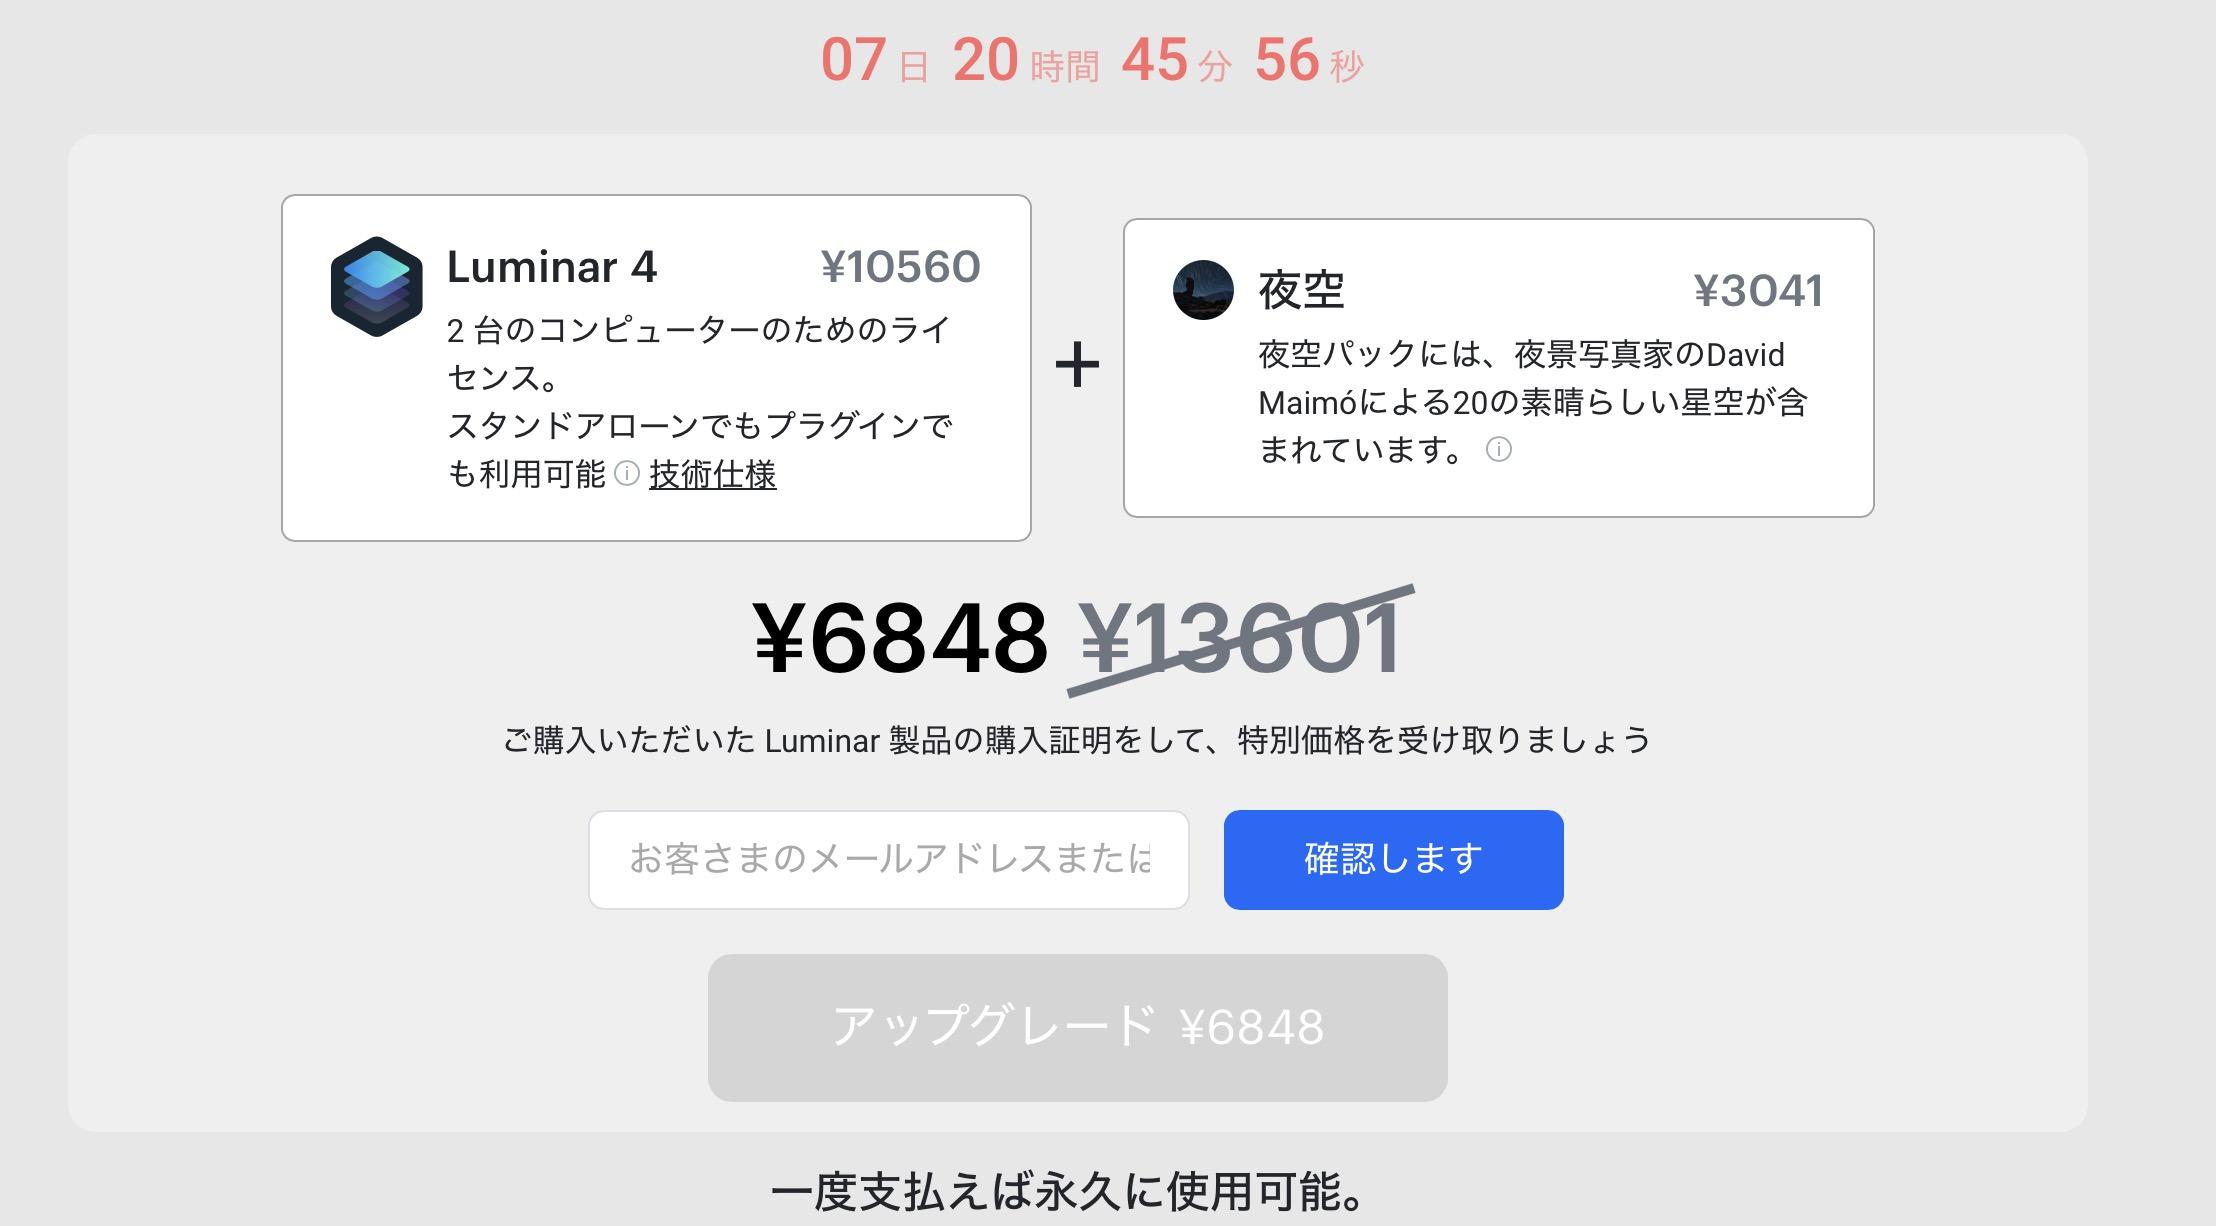 f513234a58ac3bbdfee94f53e3ce13f7 - (終了)Luminar 4がお得に購入できる、夏の終わりのビックセールが開催中